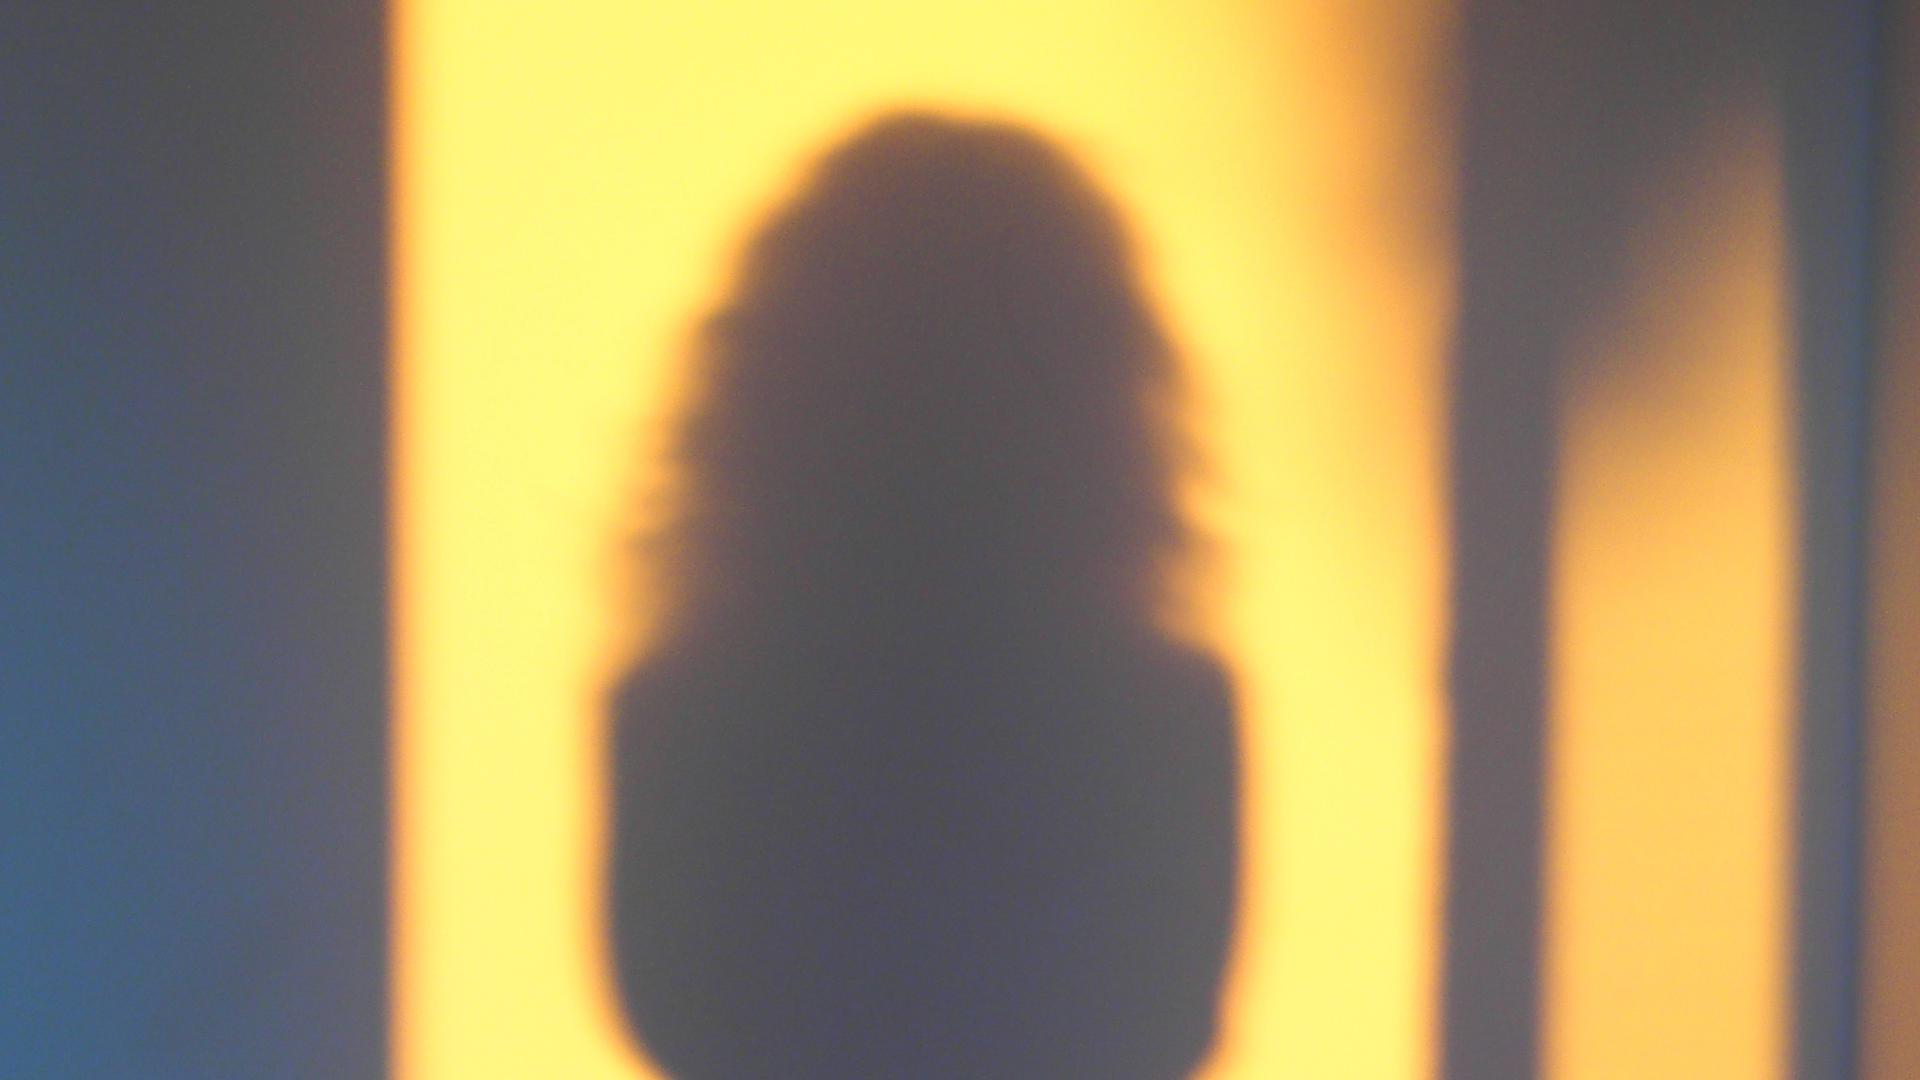 Wenn die Migräneattacken kommen, geht bei Kerstin Seibert nur noch eins: Licht aus, hinlegen, den Kopf zwischen die Hände pressen. Jahrelang bestimmten die Schmerzen ihren Alltag.